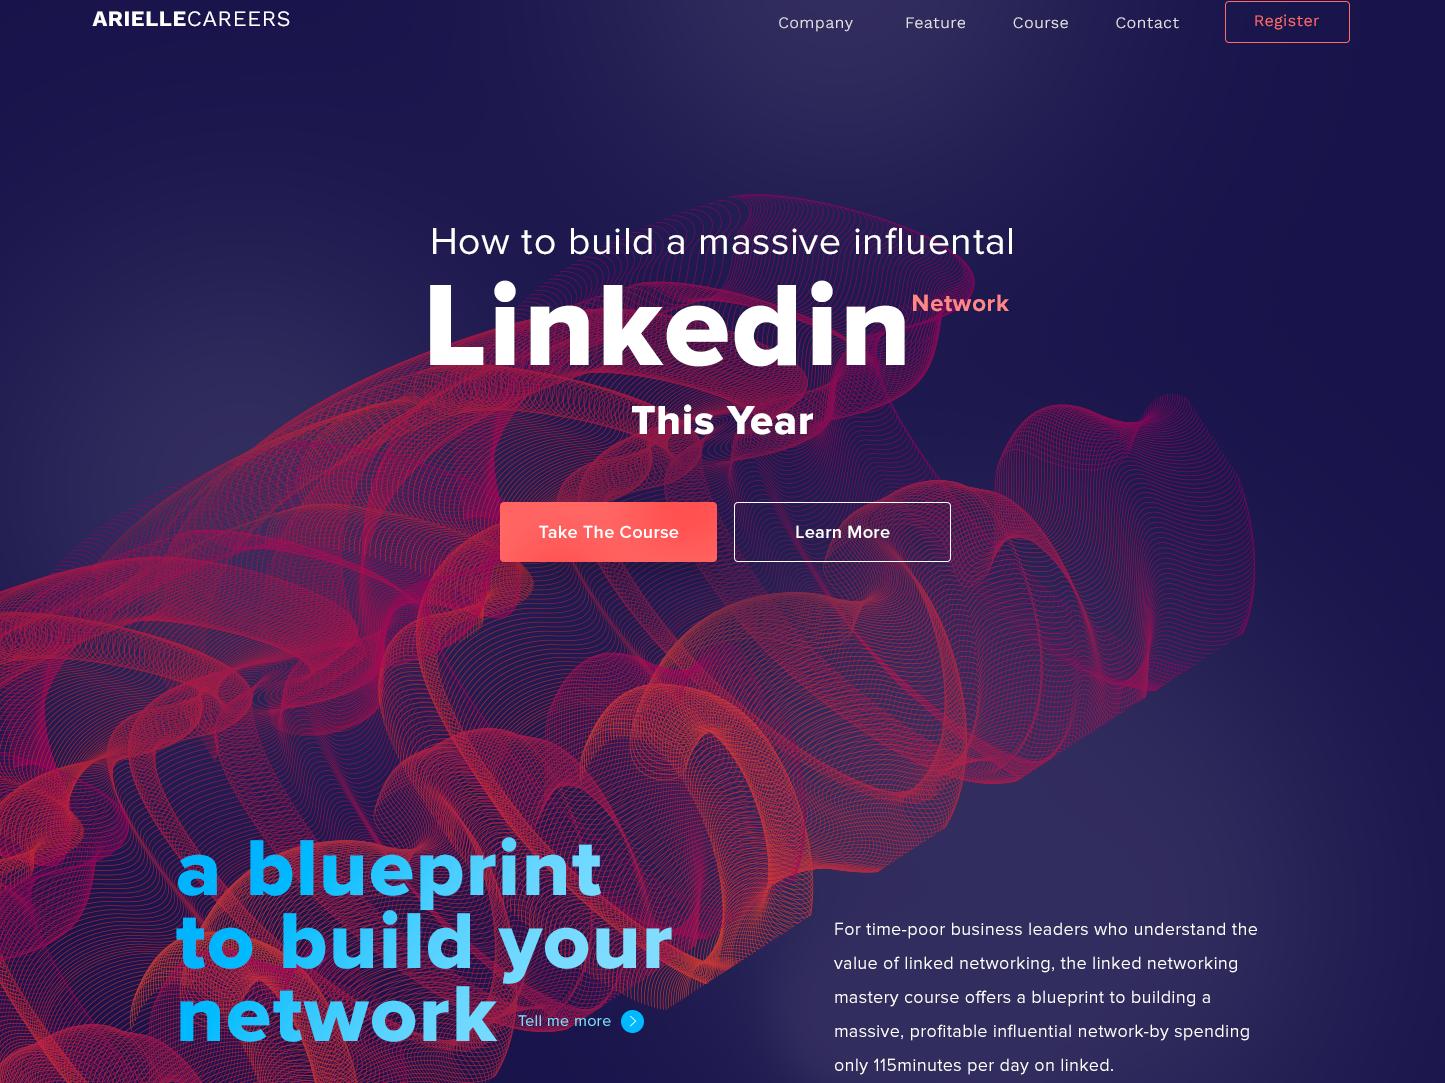 LinkedIn course web design